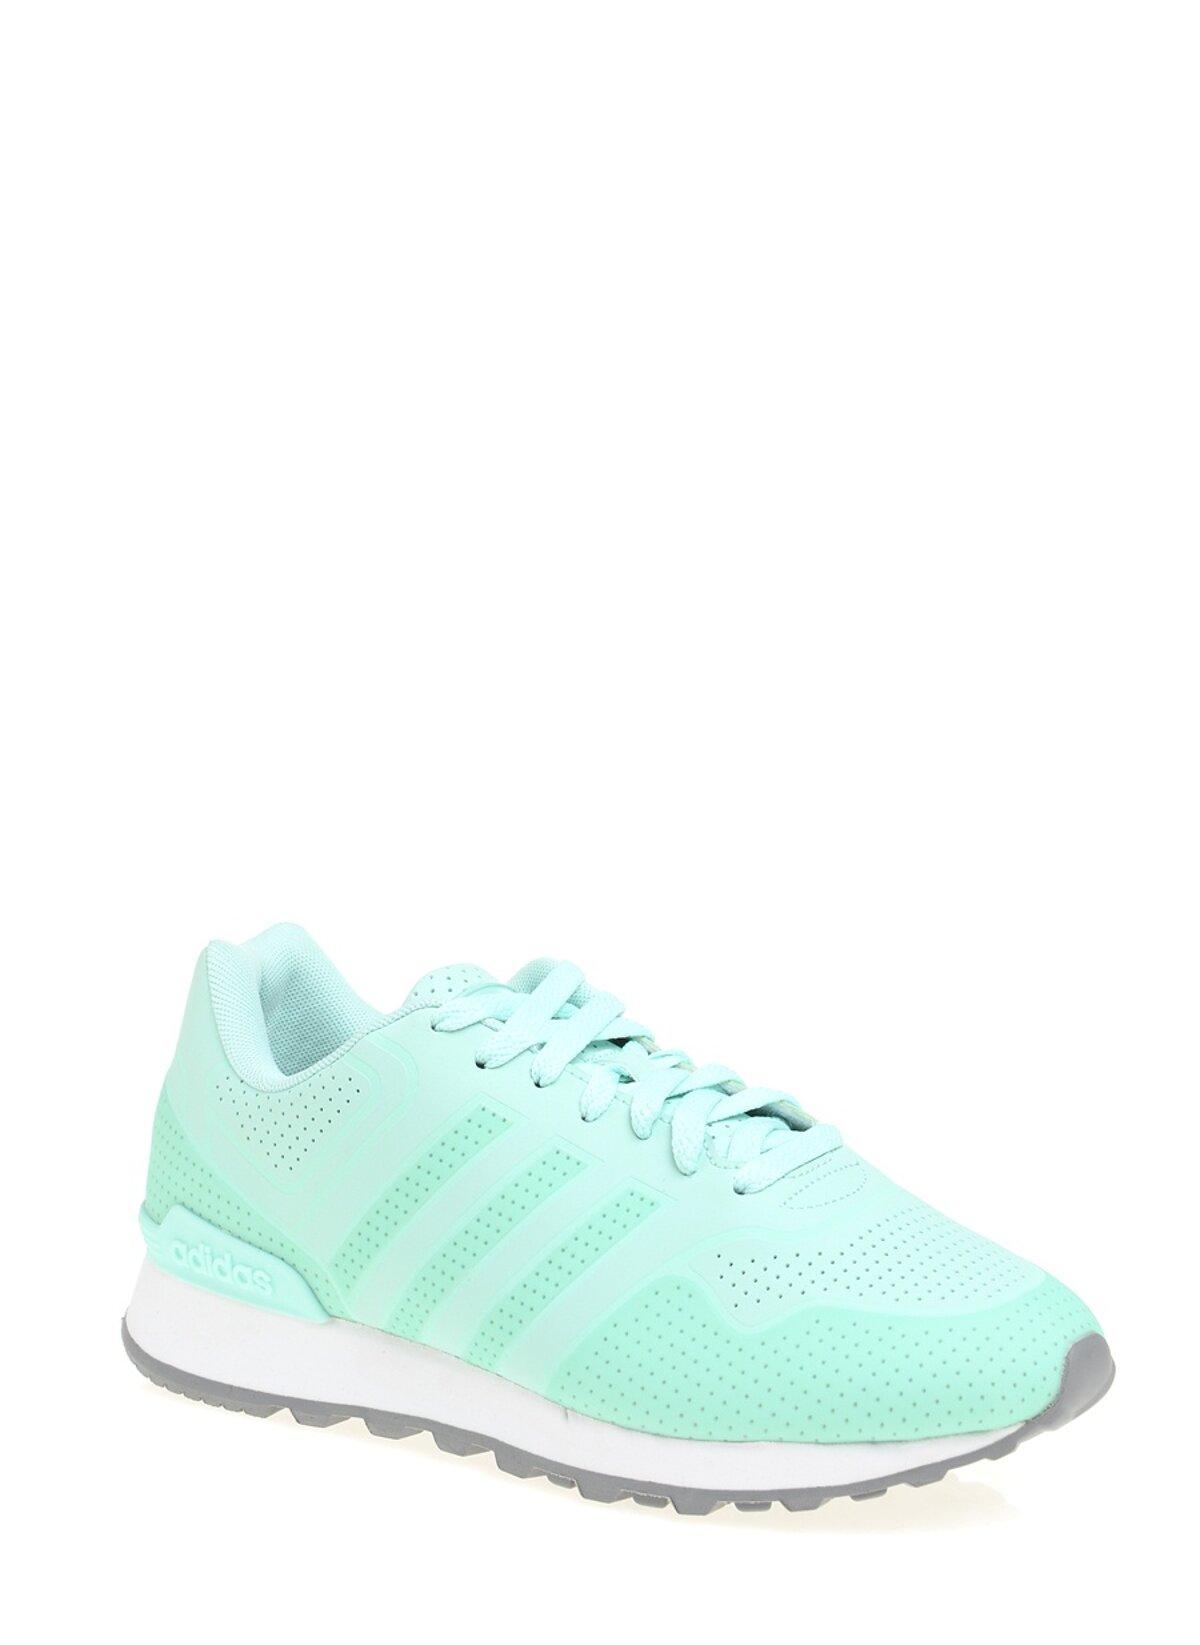 10K Casual W Yeşil Kadın Spor Ayakkabısı